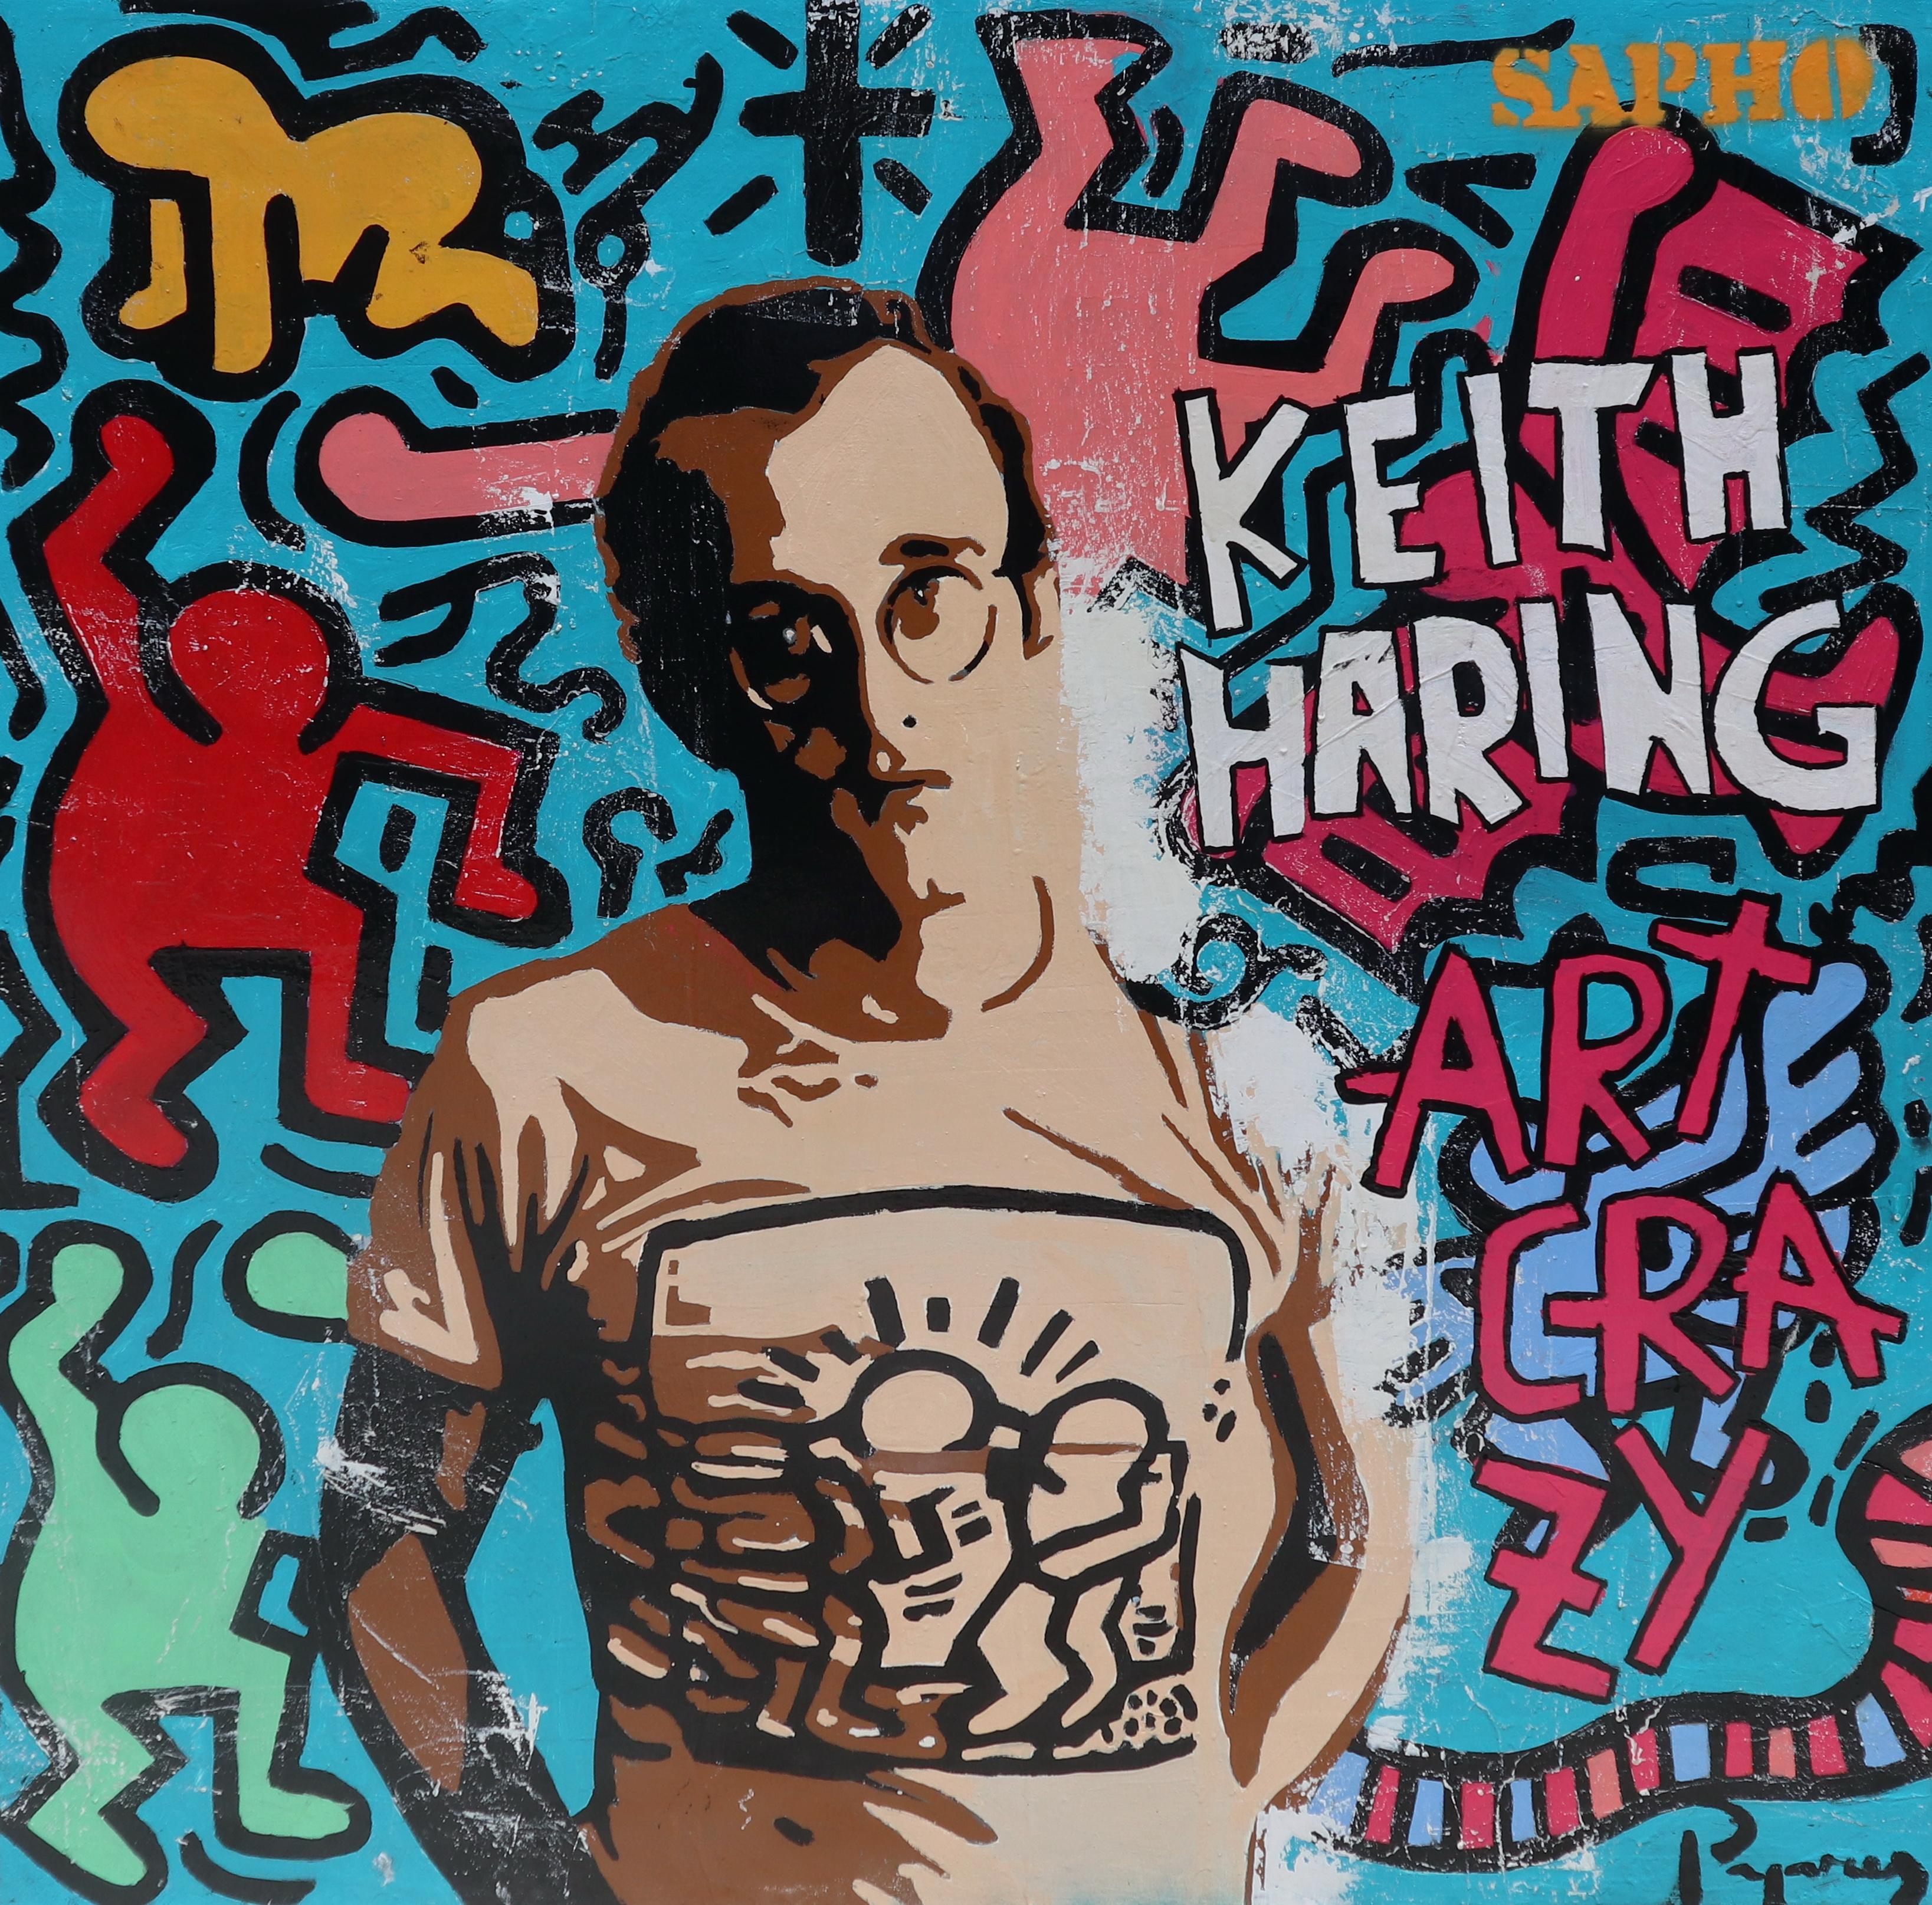 keith street art. original painting